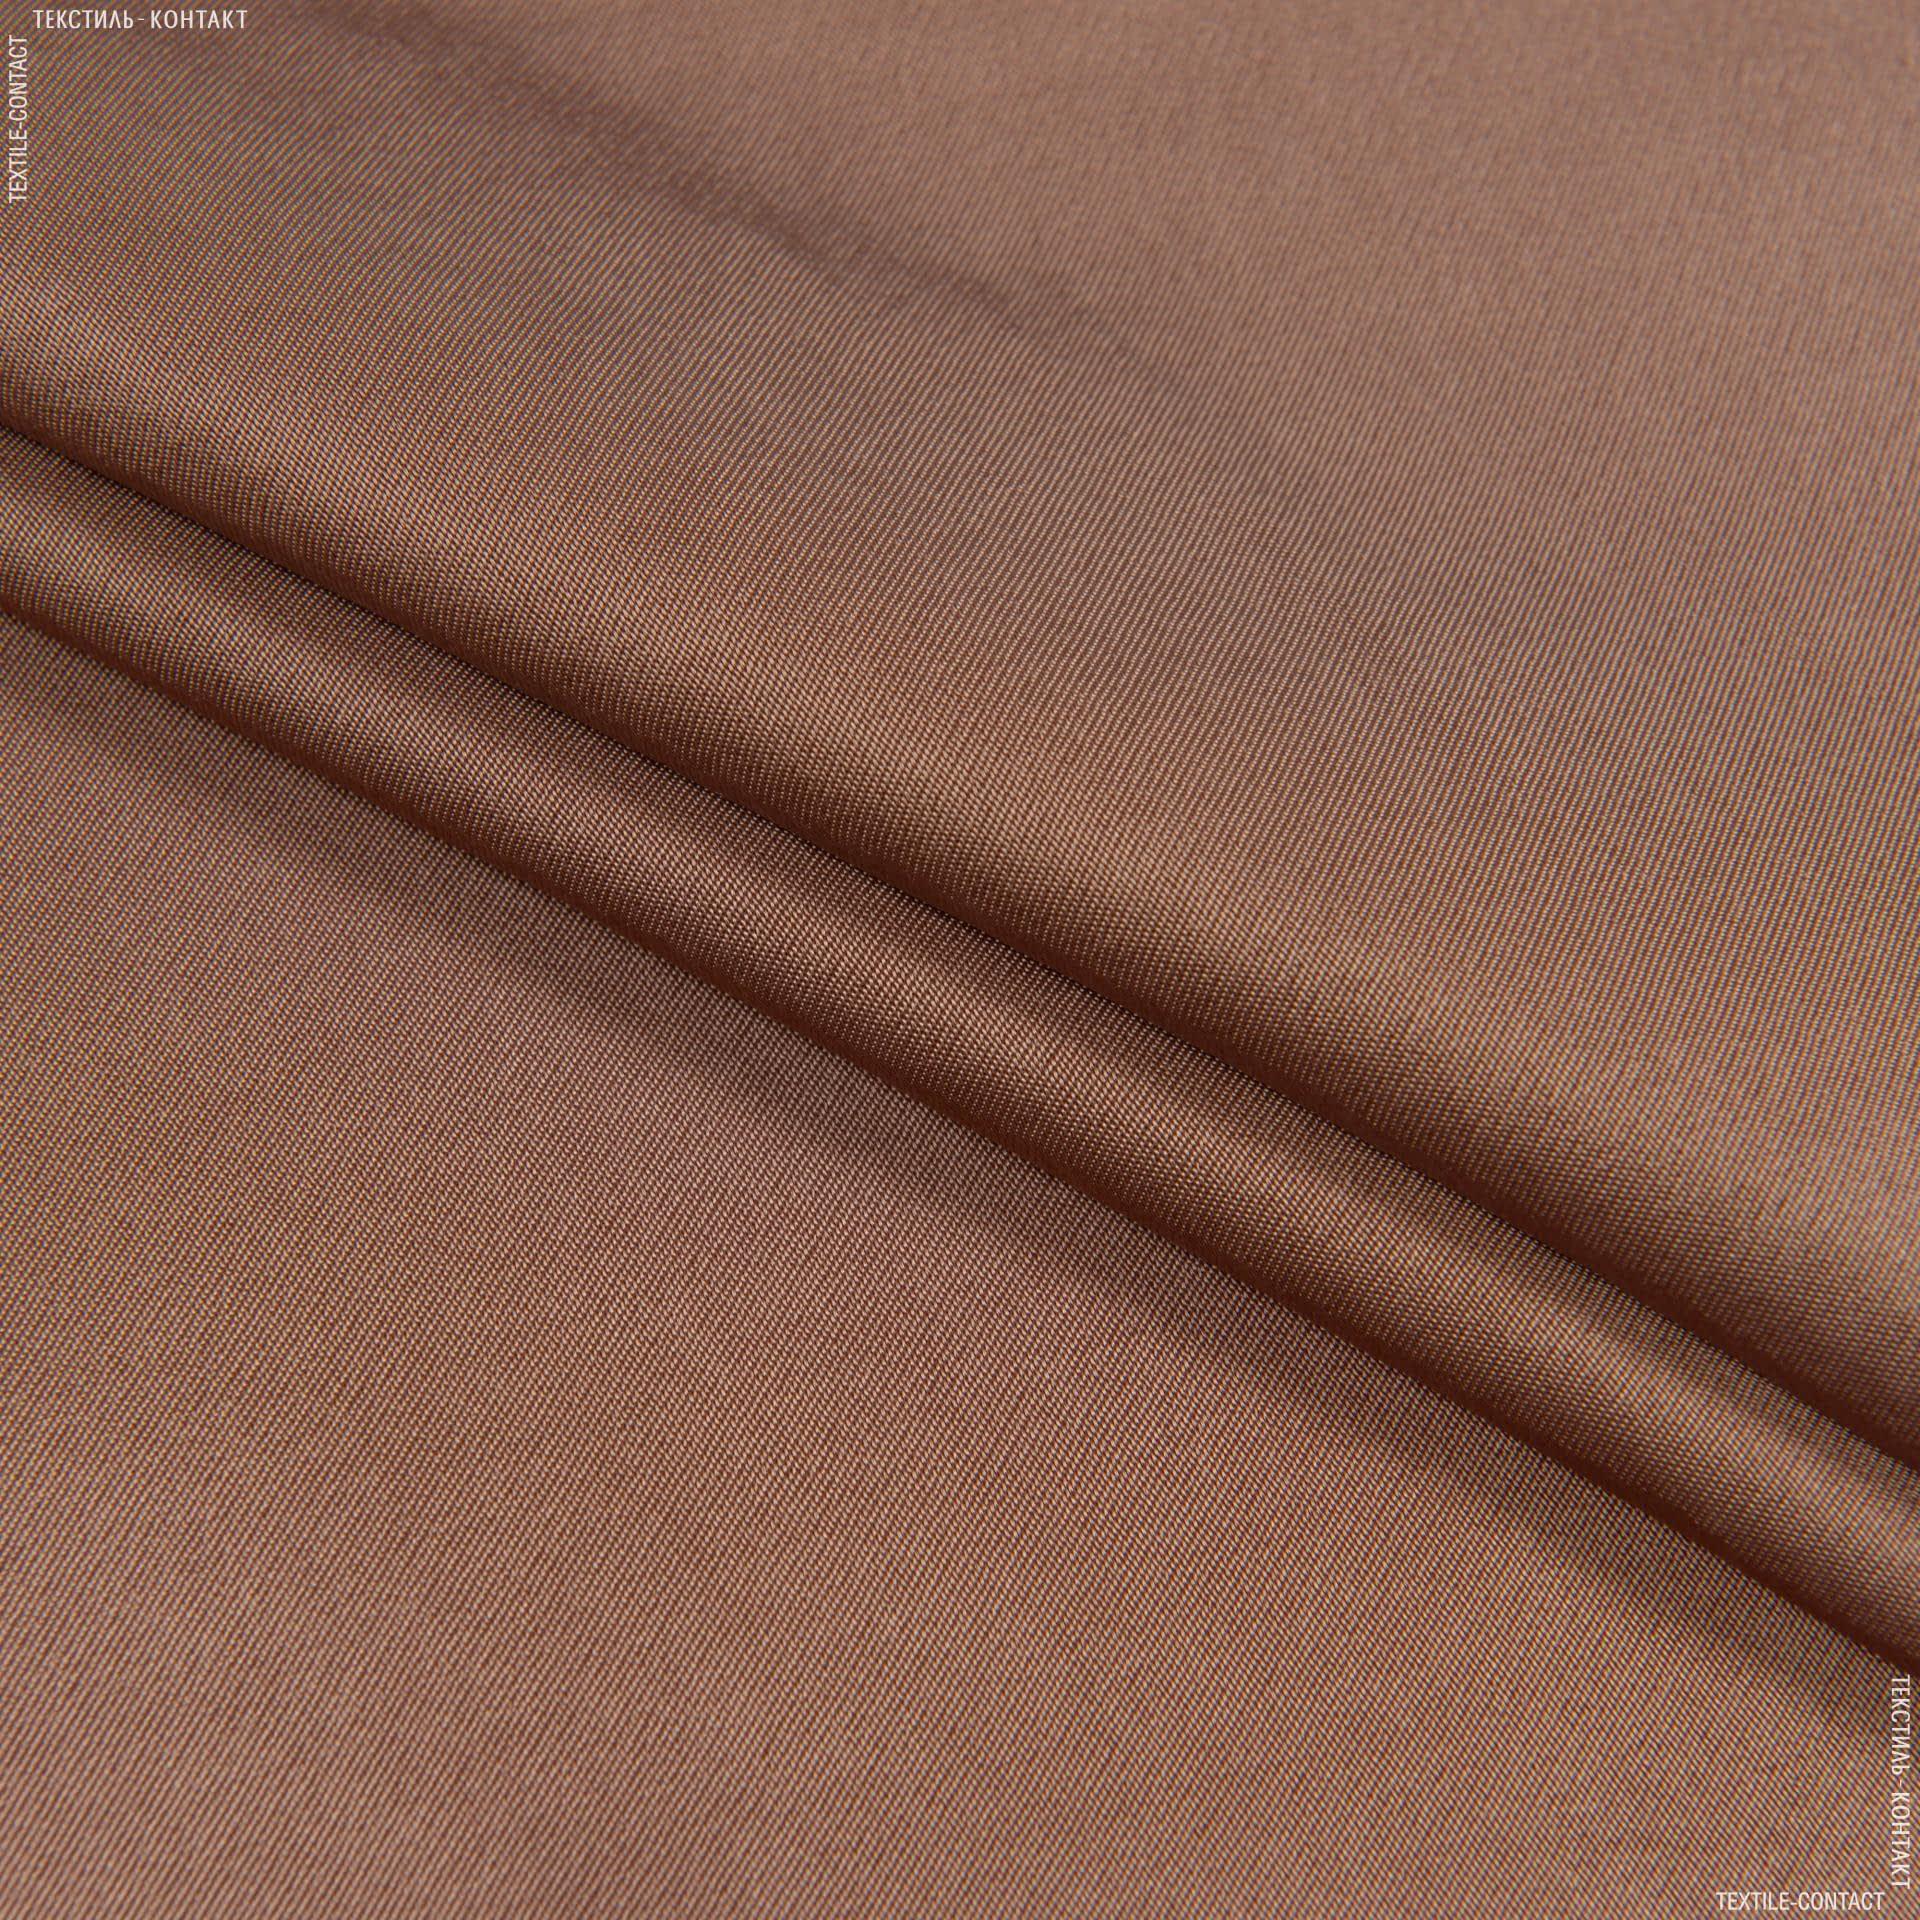 Тканини для костюмів - Платтяний атлас платон бронзовий